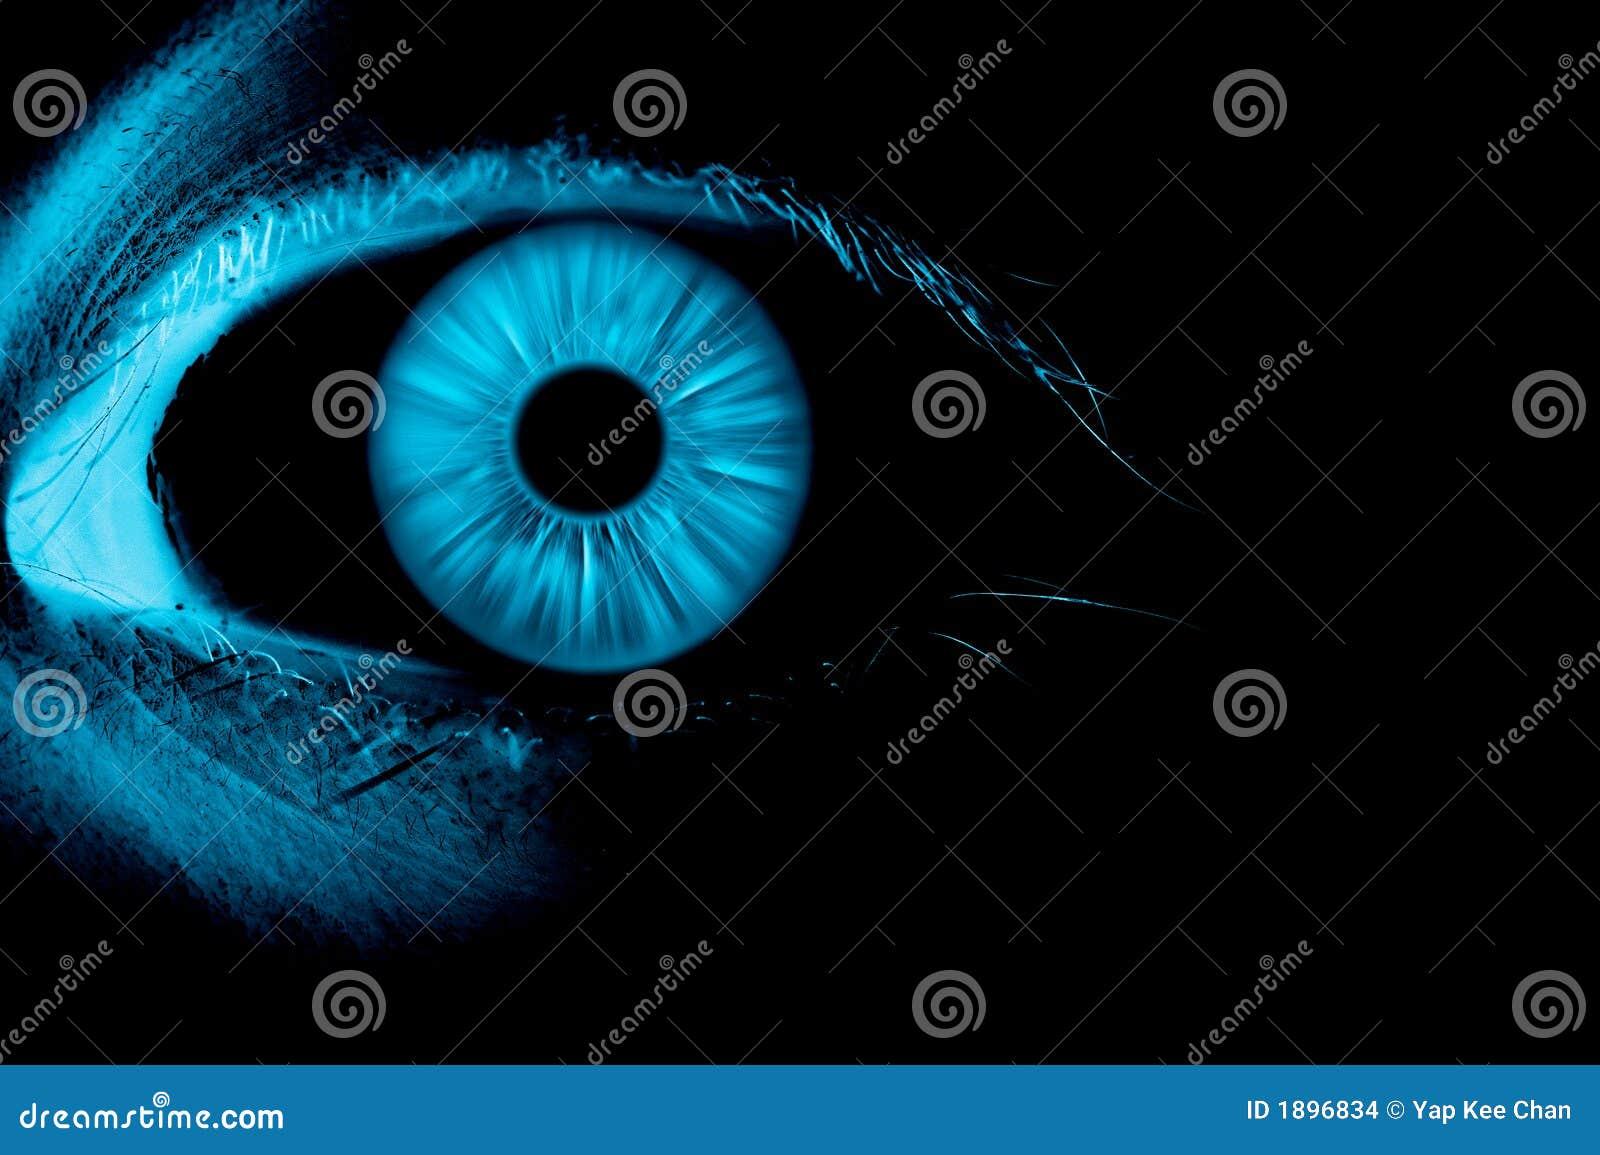 Blue eye on focus